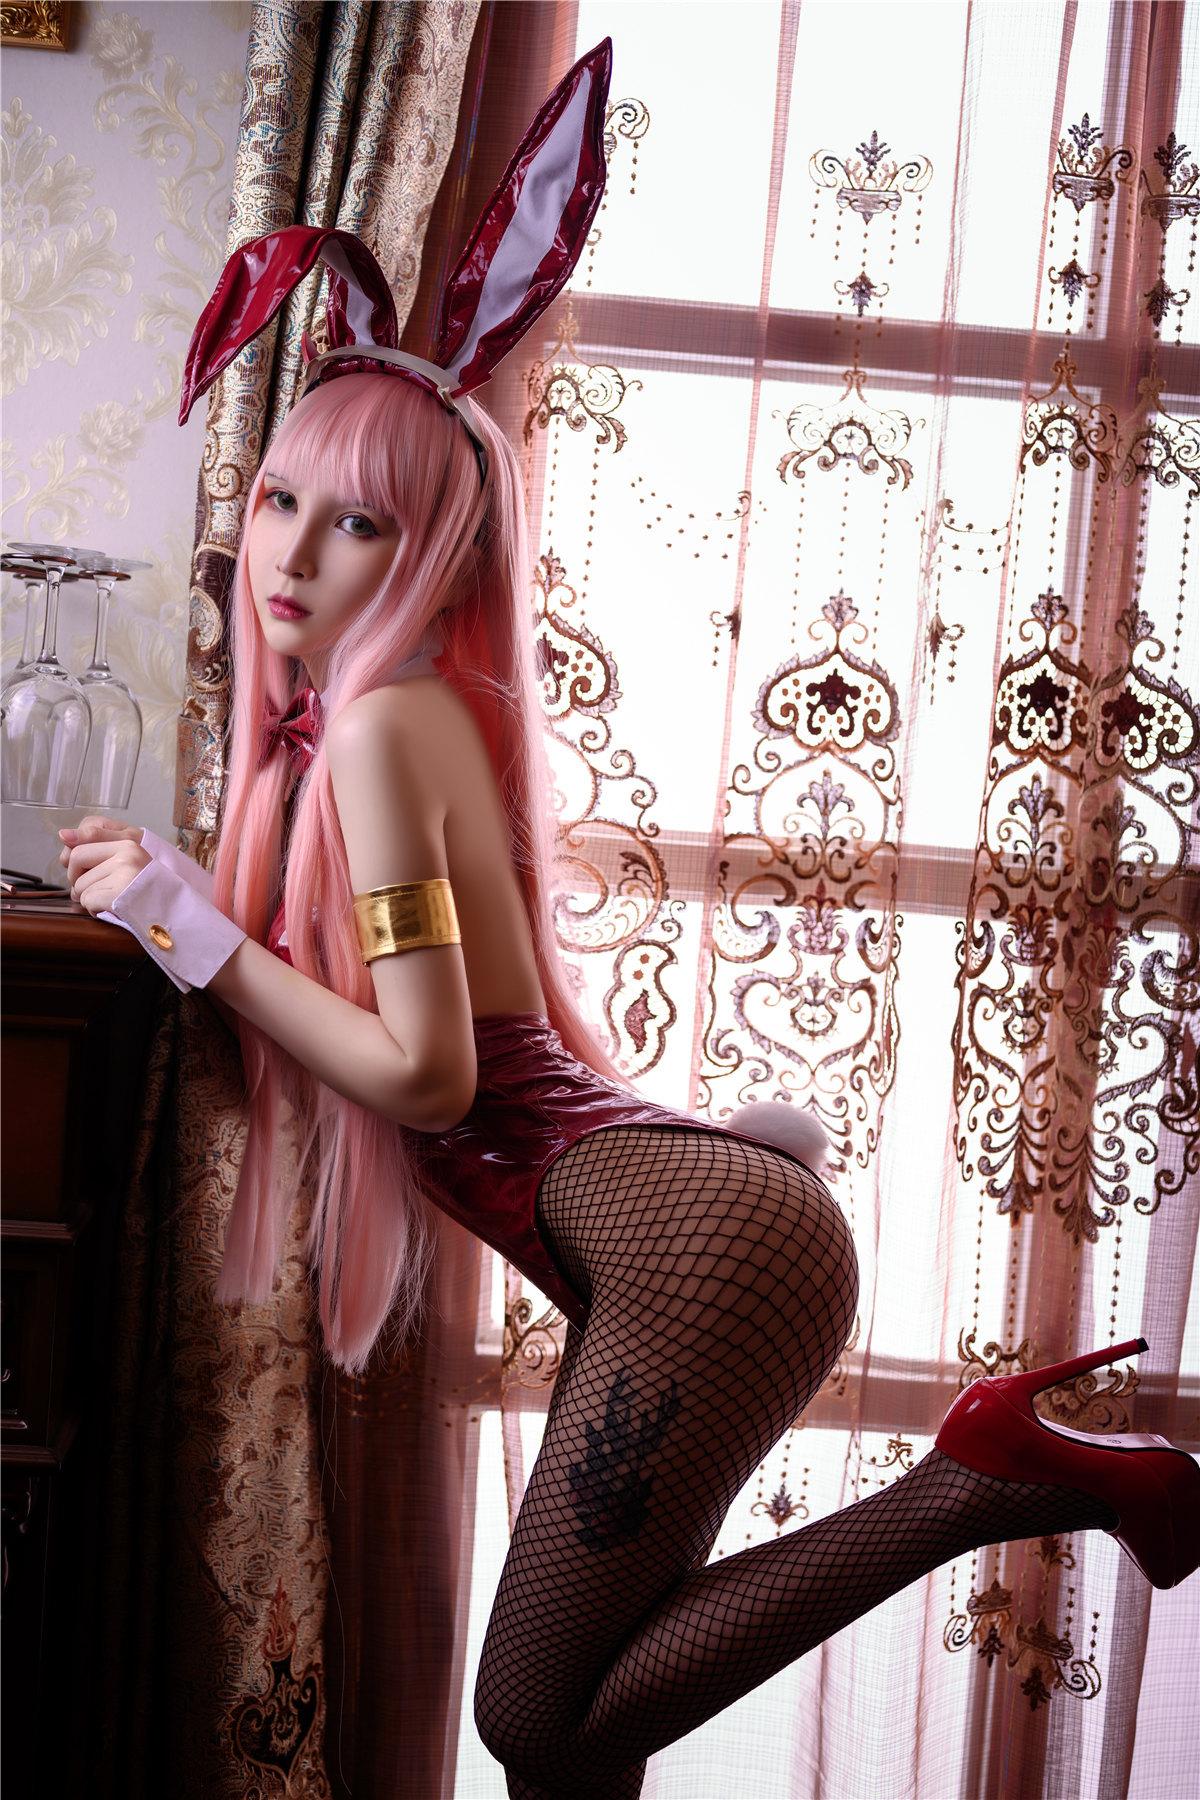 Vams子 兔女郎COS作品在线看-觅爱图